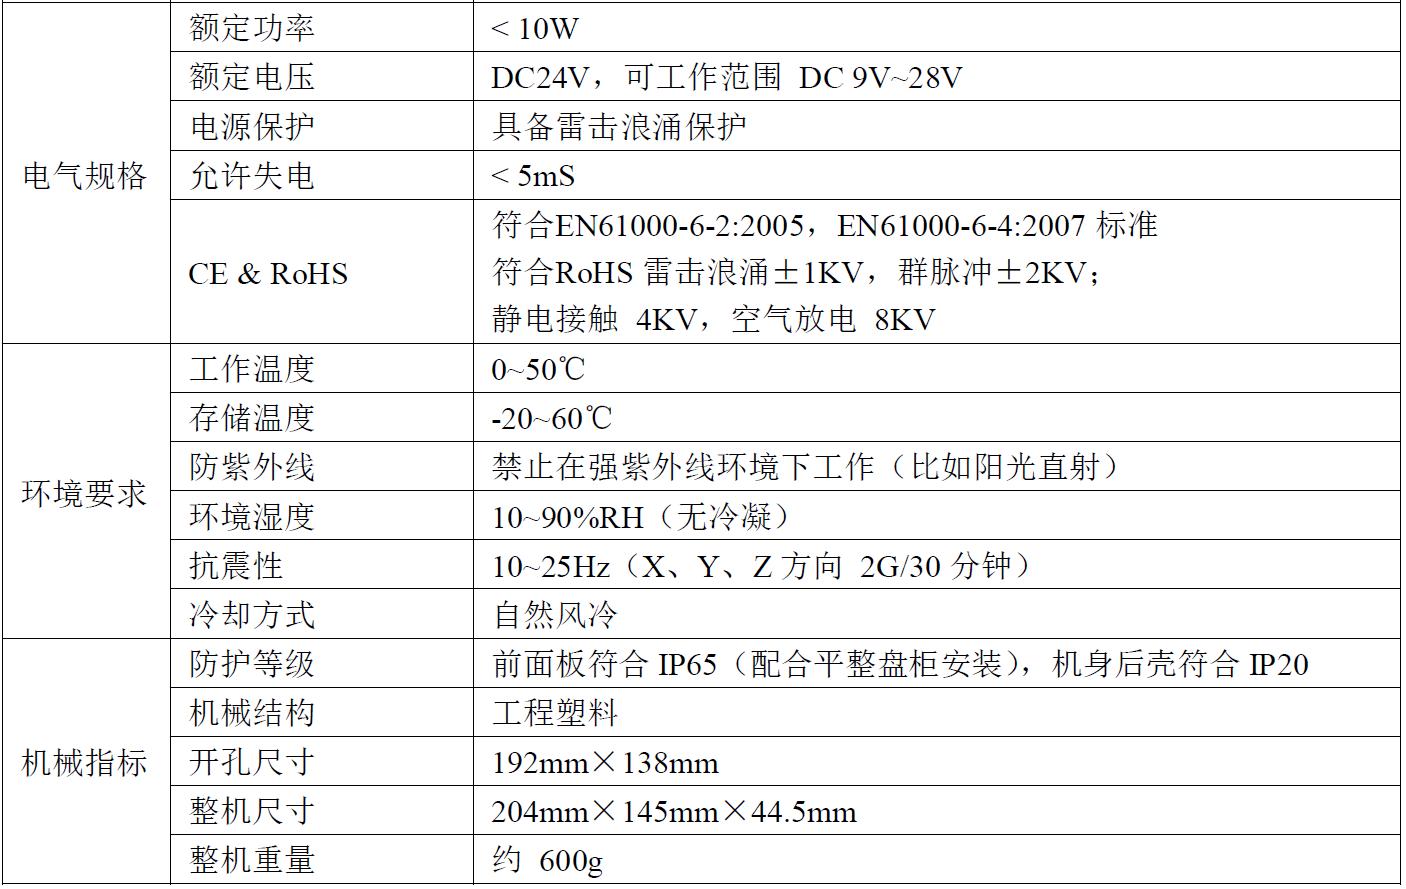 迈信MF8000系列MF8070CE人机界面